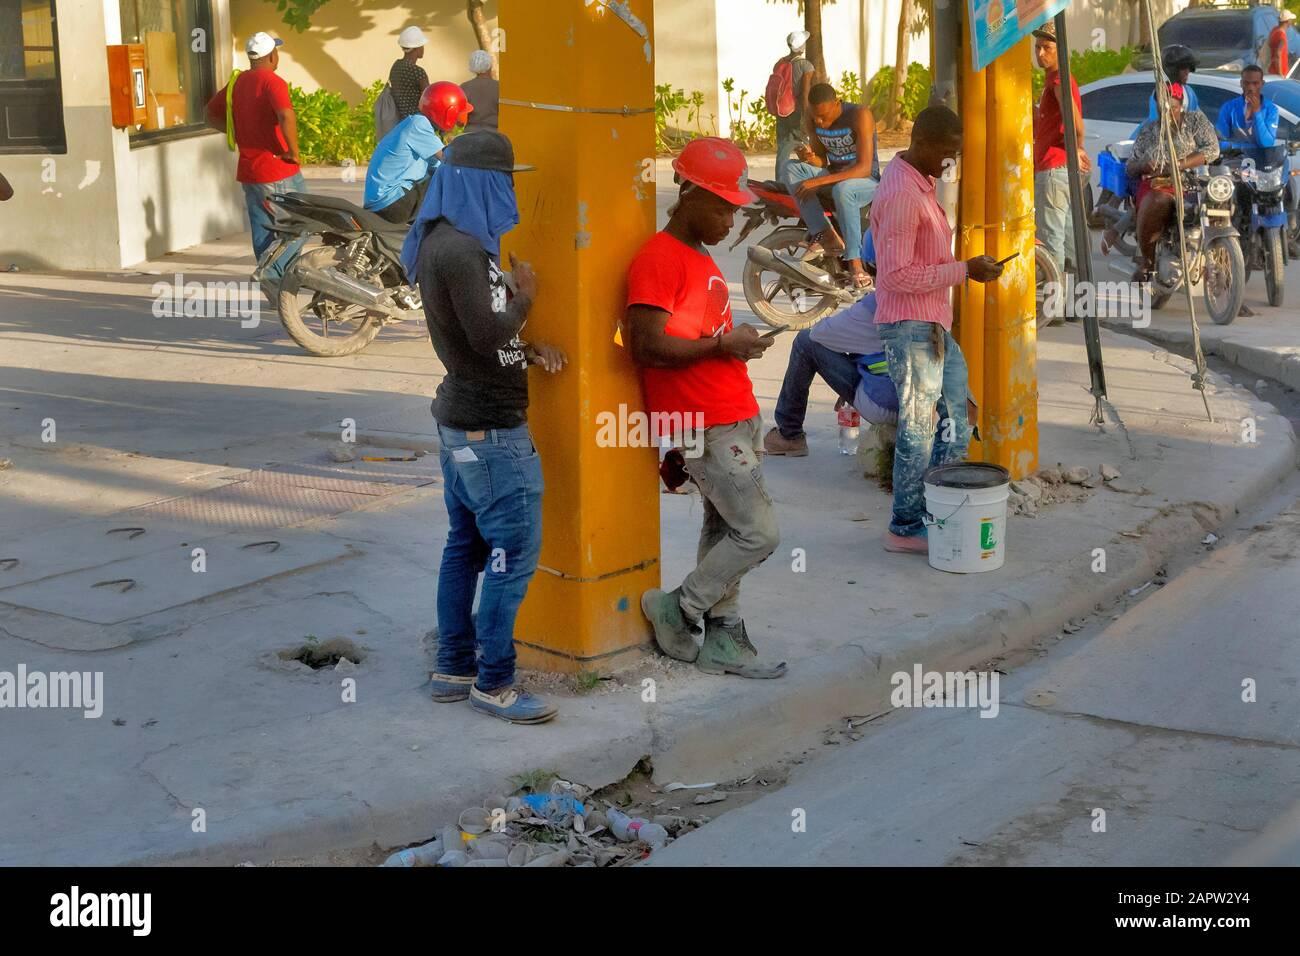 Travailleurs dans la rue en attente de transport, République dominicaine Banque D'Images